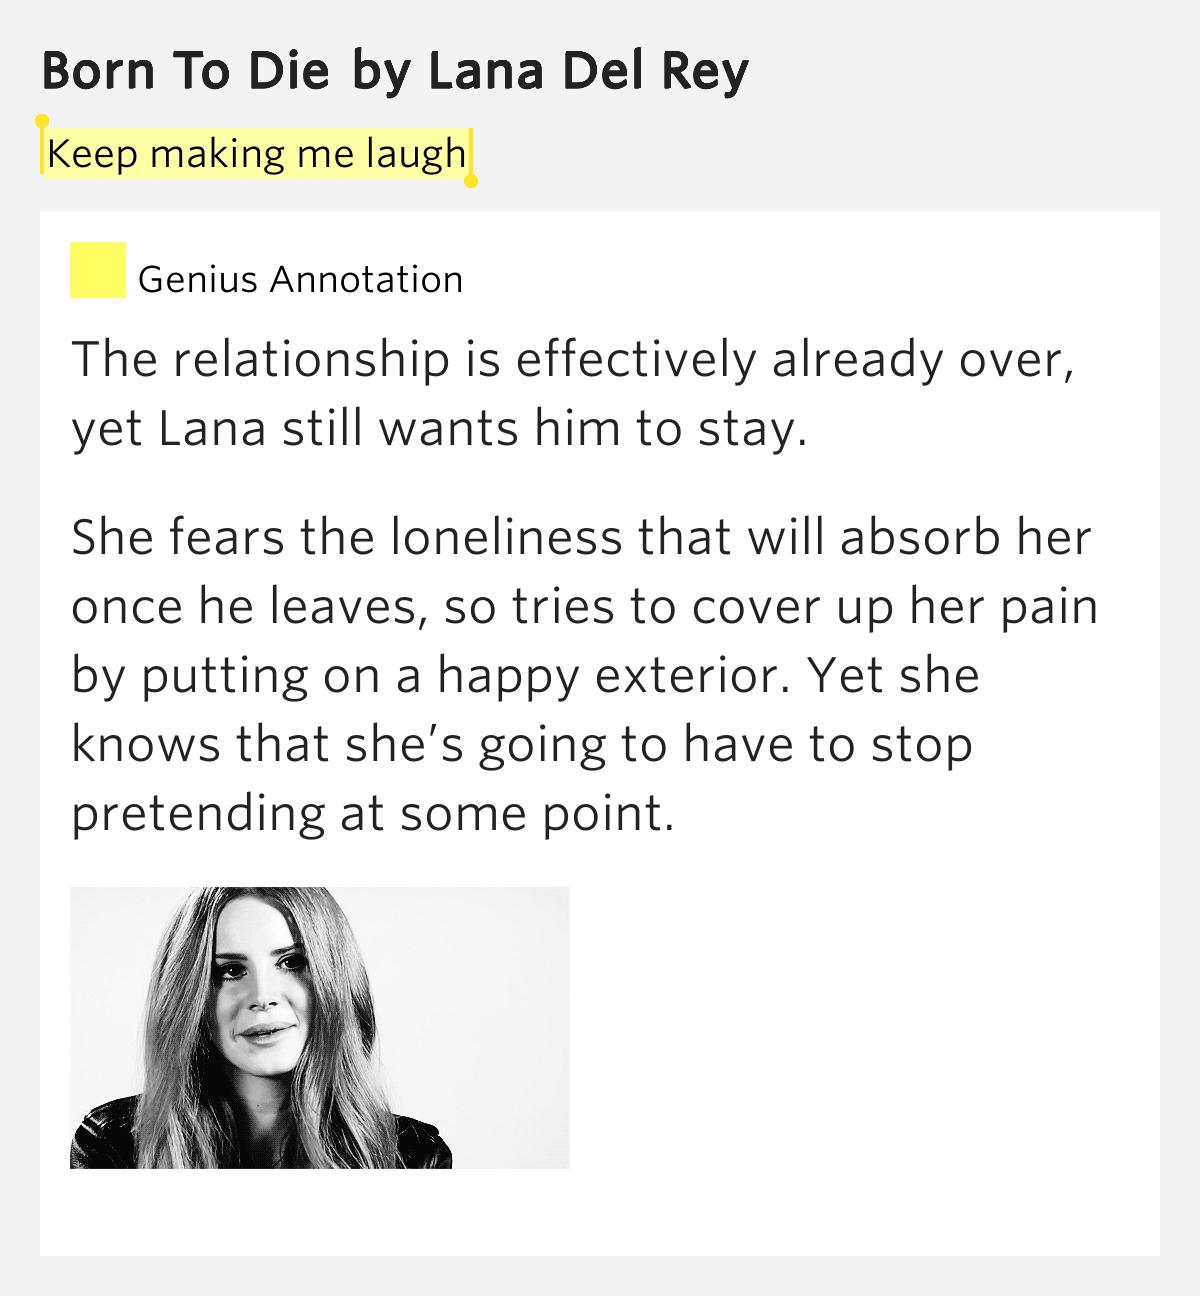 Keep making me laugh – Born To Die Lyrics Meaning